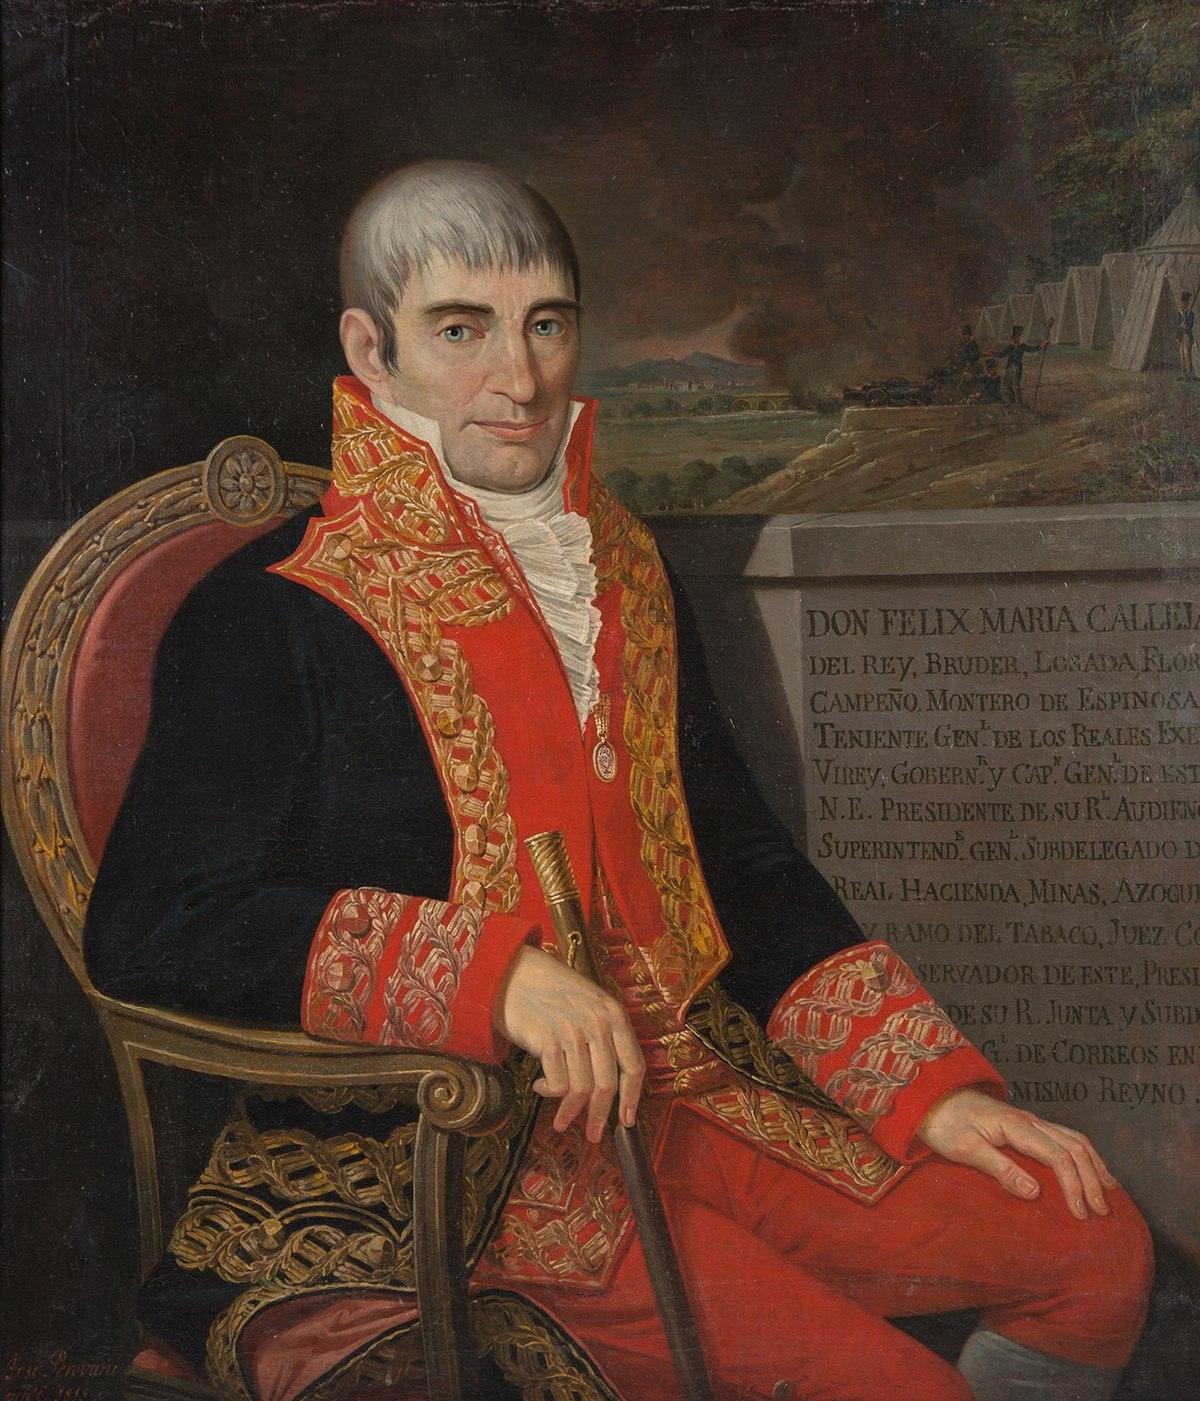 Félix Calleja - Wikipedia, la enciclopedia libre